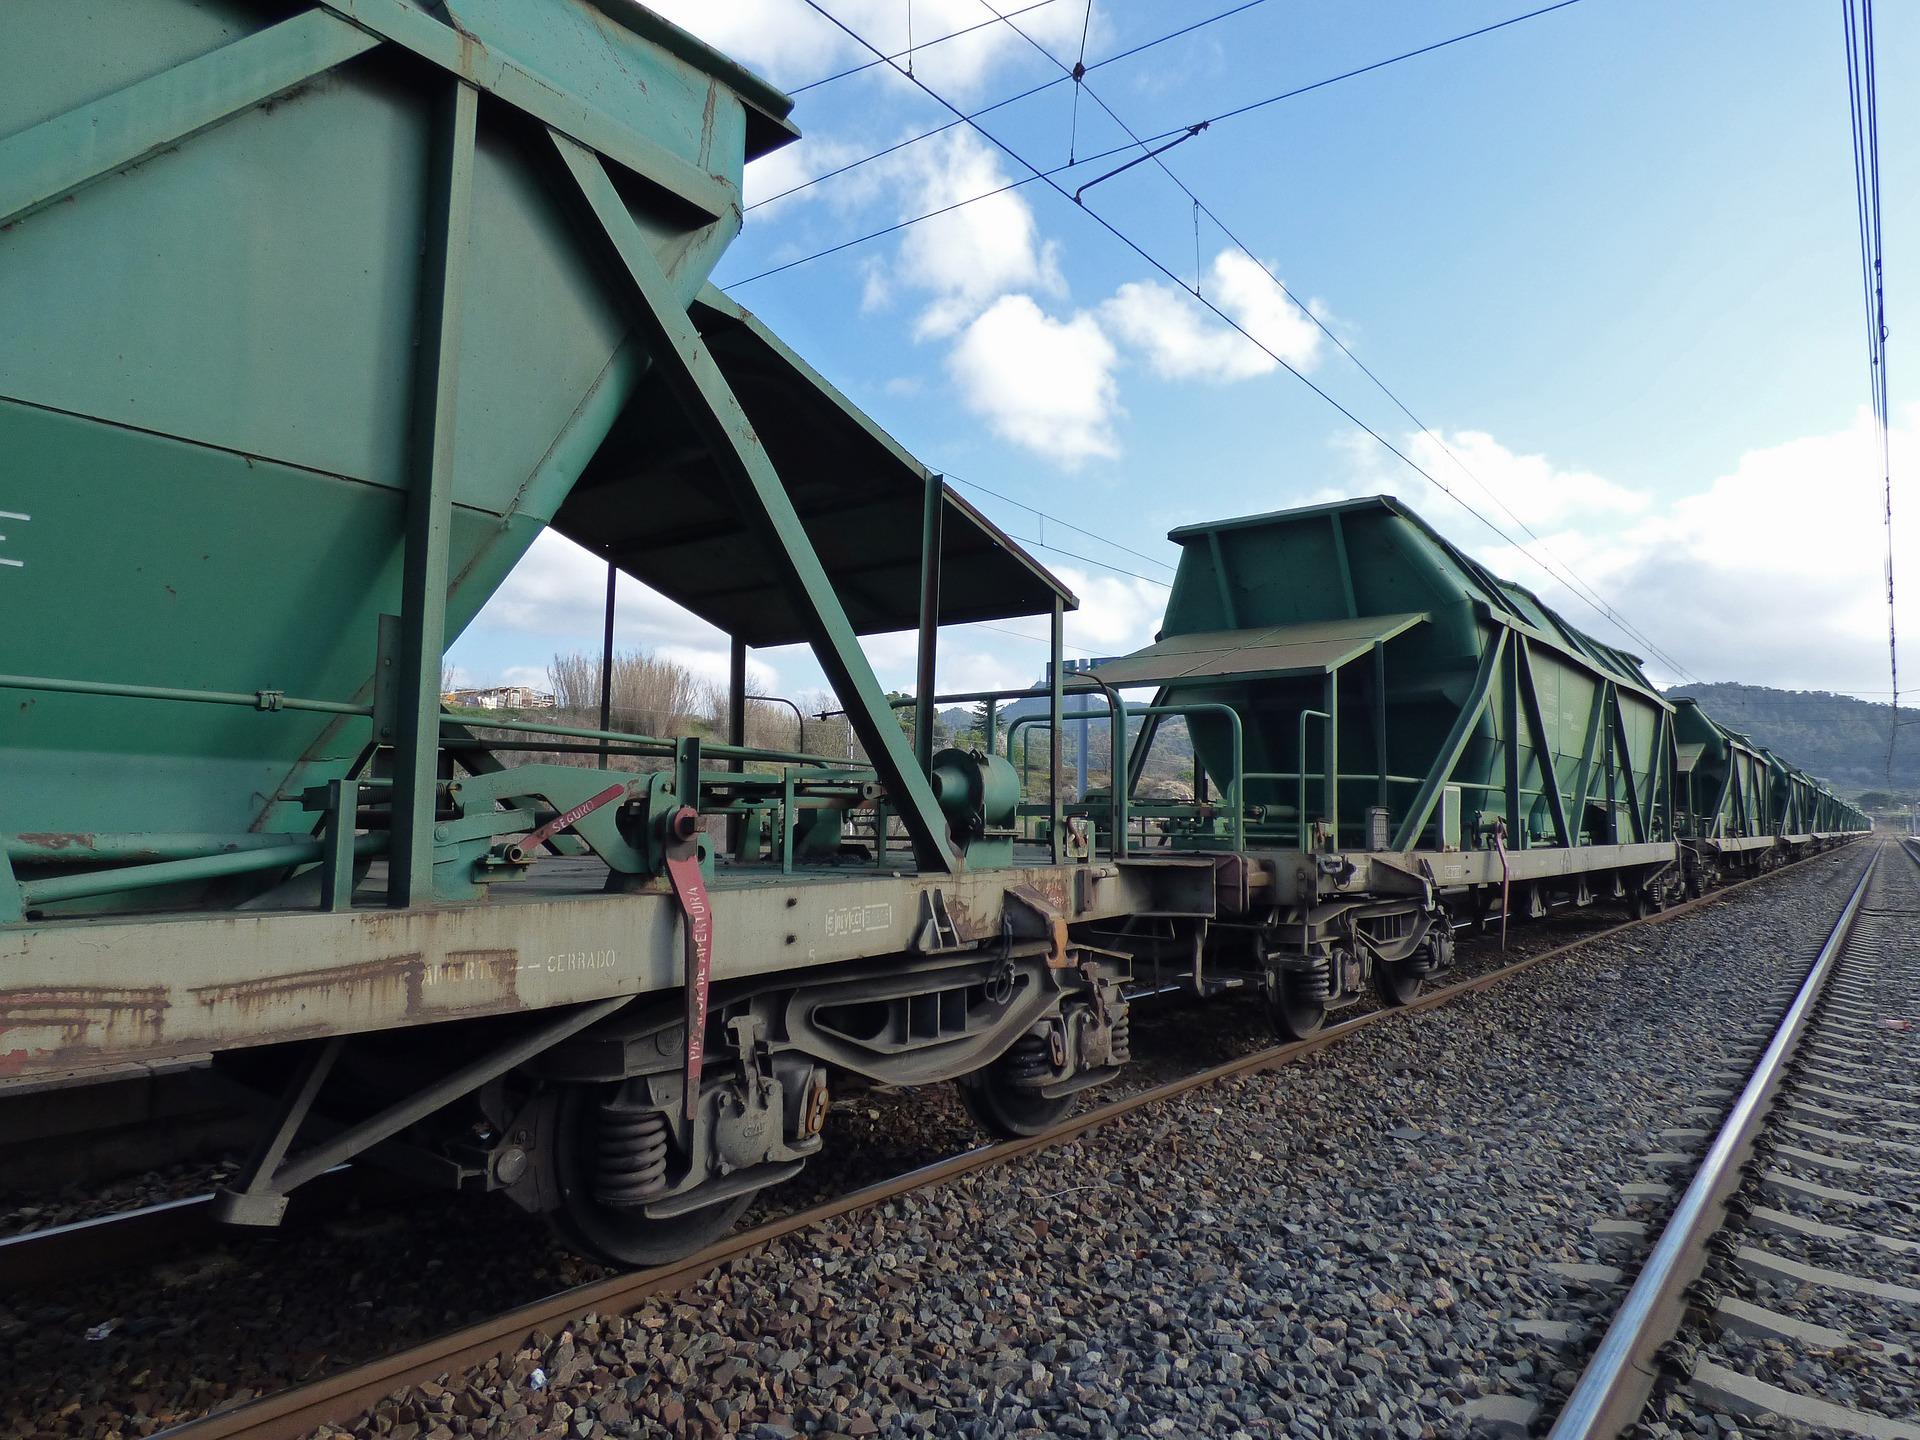 За 10 років зернові перевезення залізницею можуть зрости на 20 млн тонн